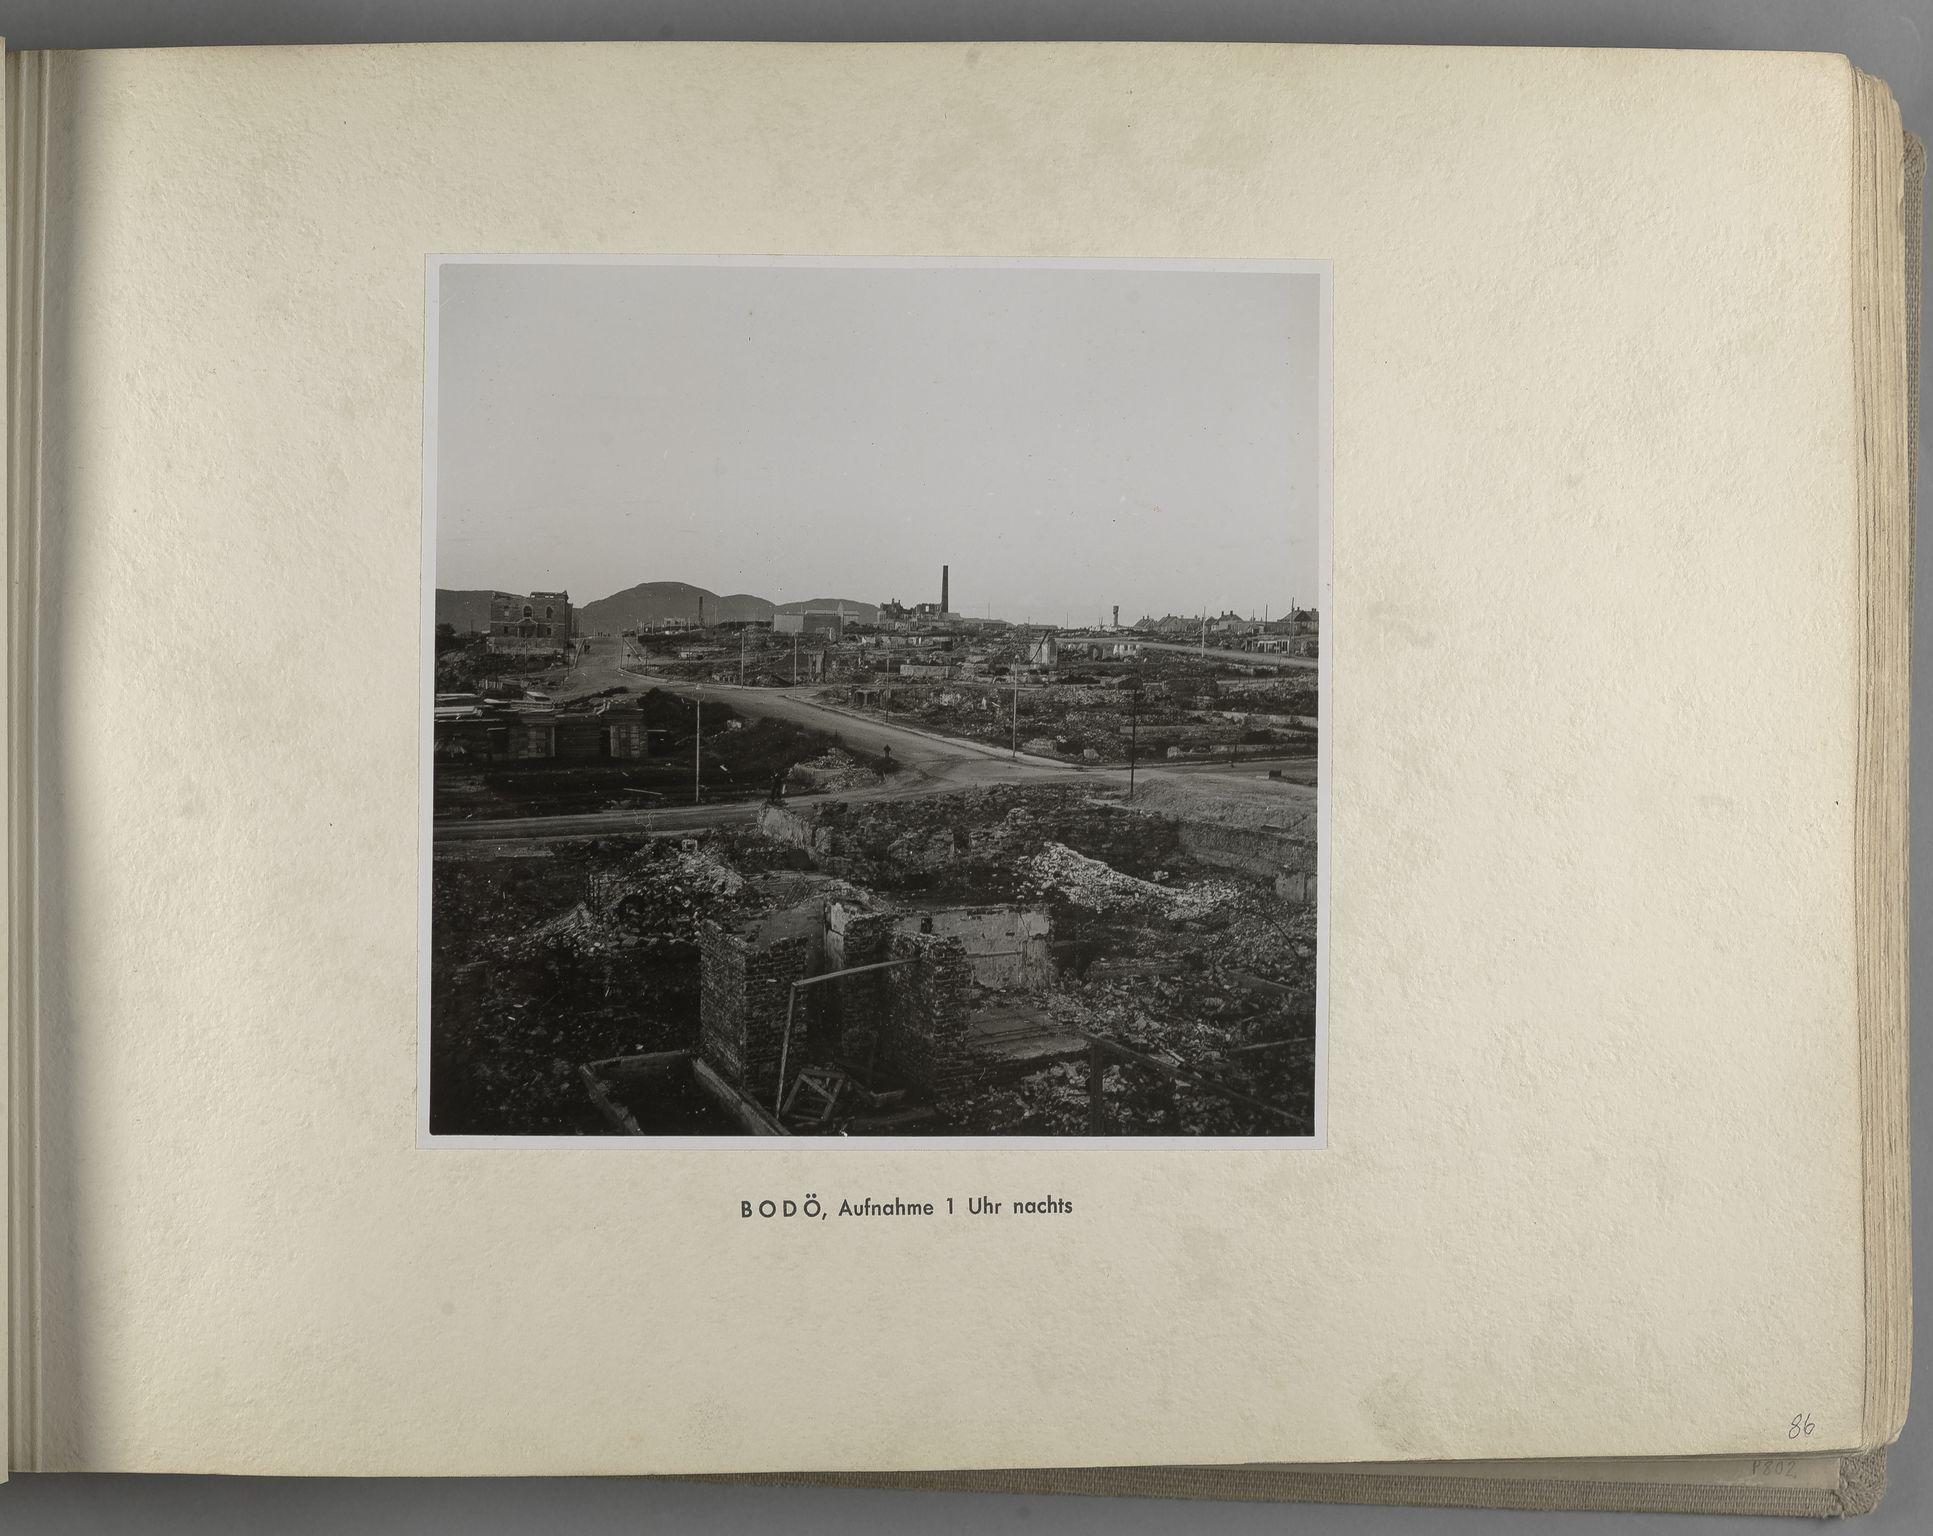 RA, Tyske arkiver, Reichskommissariat, Bildarchiv, U/L0071: Fotoalbum: Mit dem Reichskommissar nach Nordnorwegen und Finnland 10. bis 27. Juli 1942, 1942, s. 33